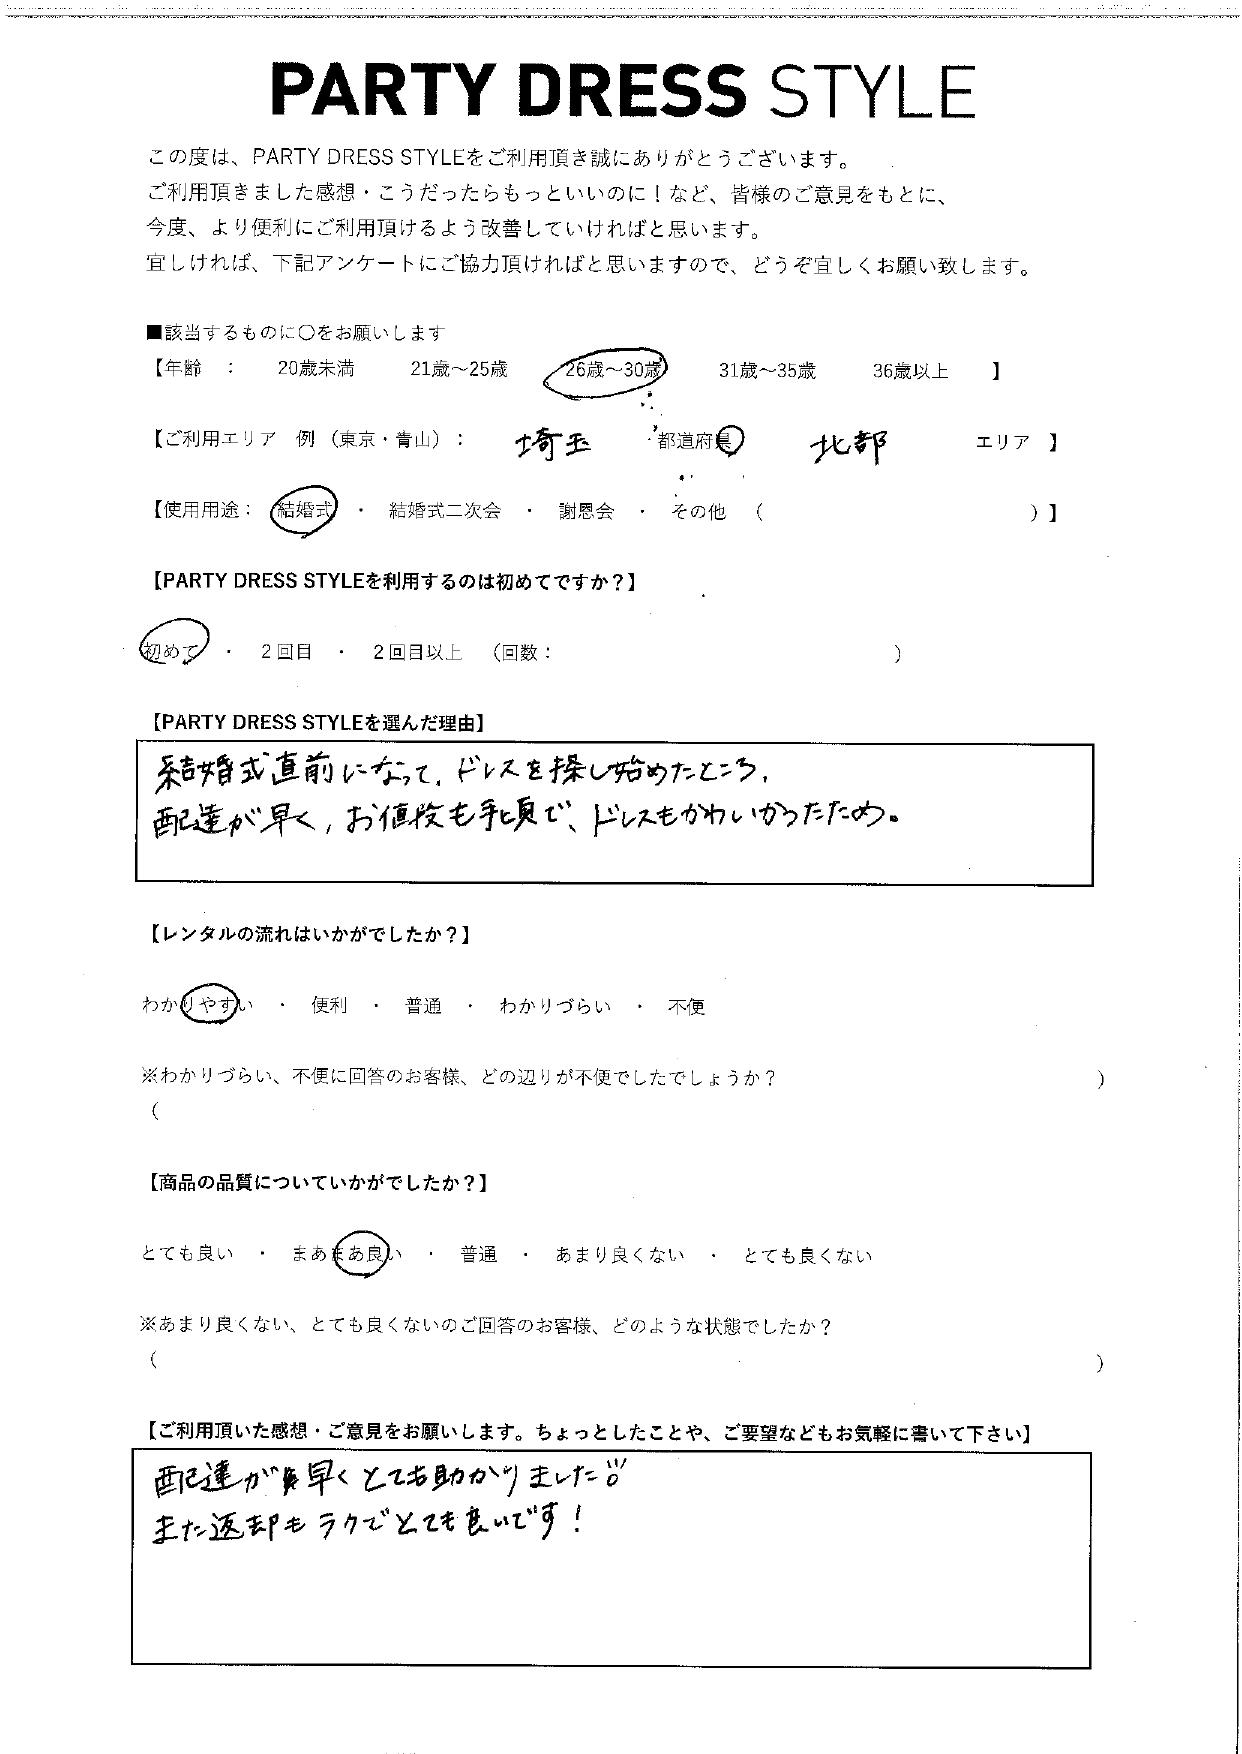 8/21結婚式ご利用 埼玉・北部エリア